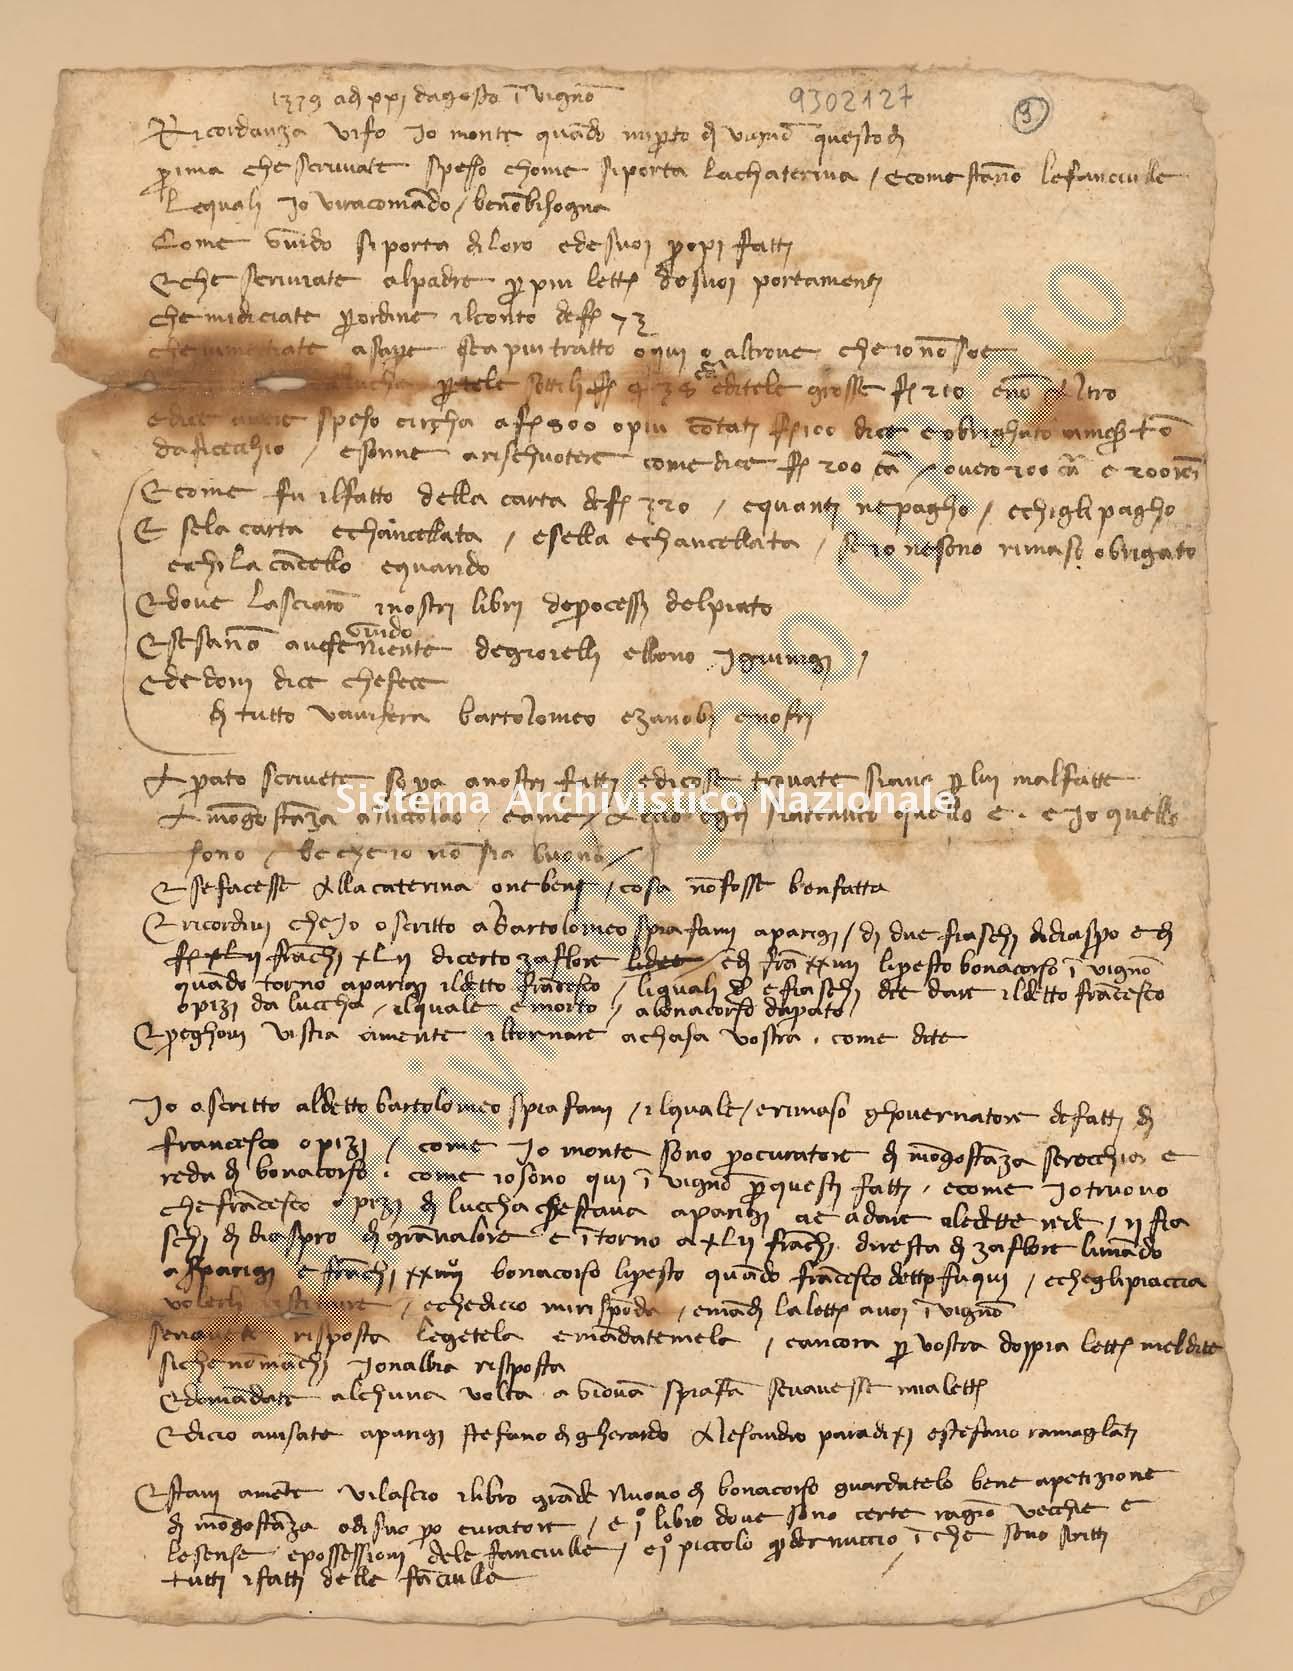 Archivio di Stato di Prato, Fondo Datini, Carteggio specializzato, Ricordanze, Busta 1166 (busta 1166, codice 9302127)